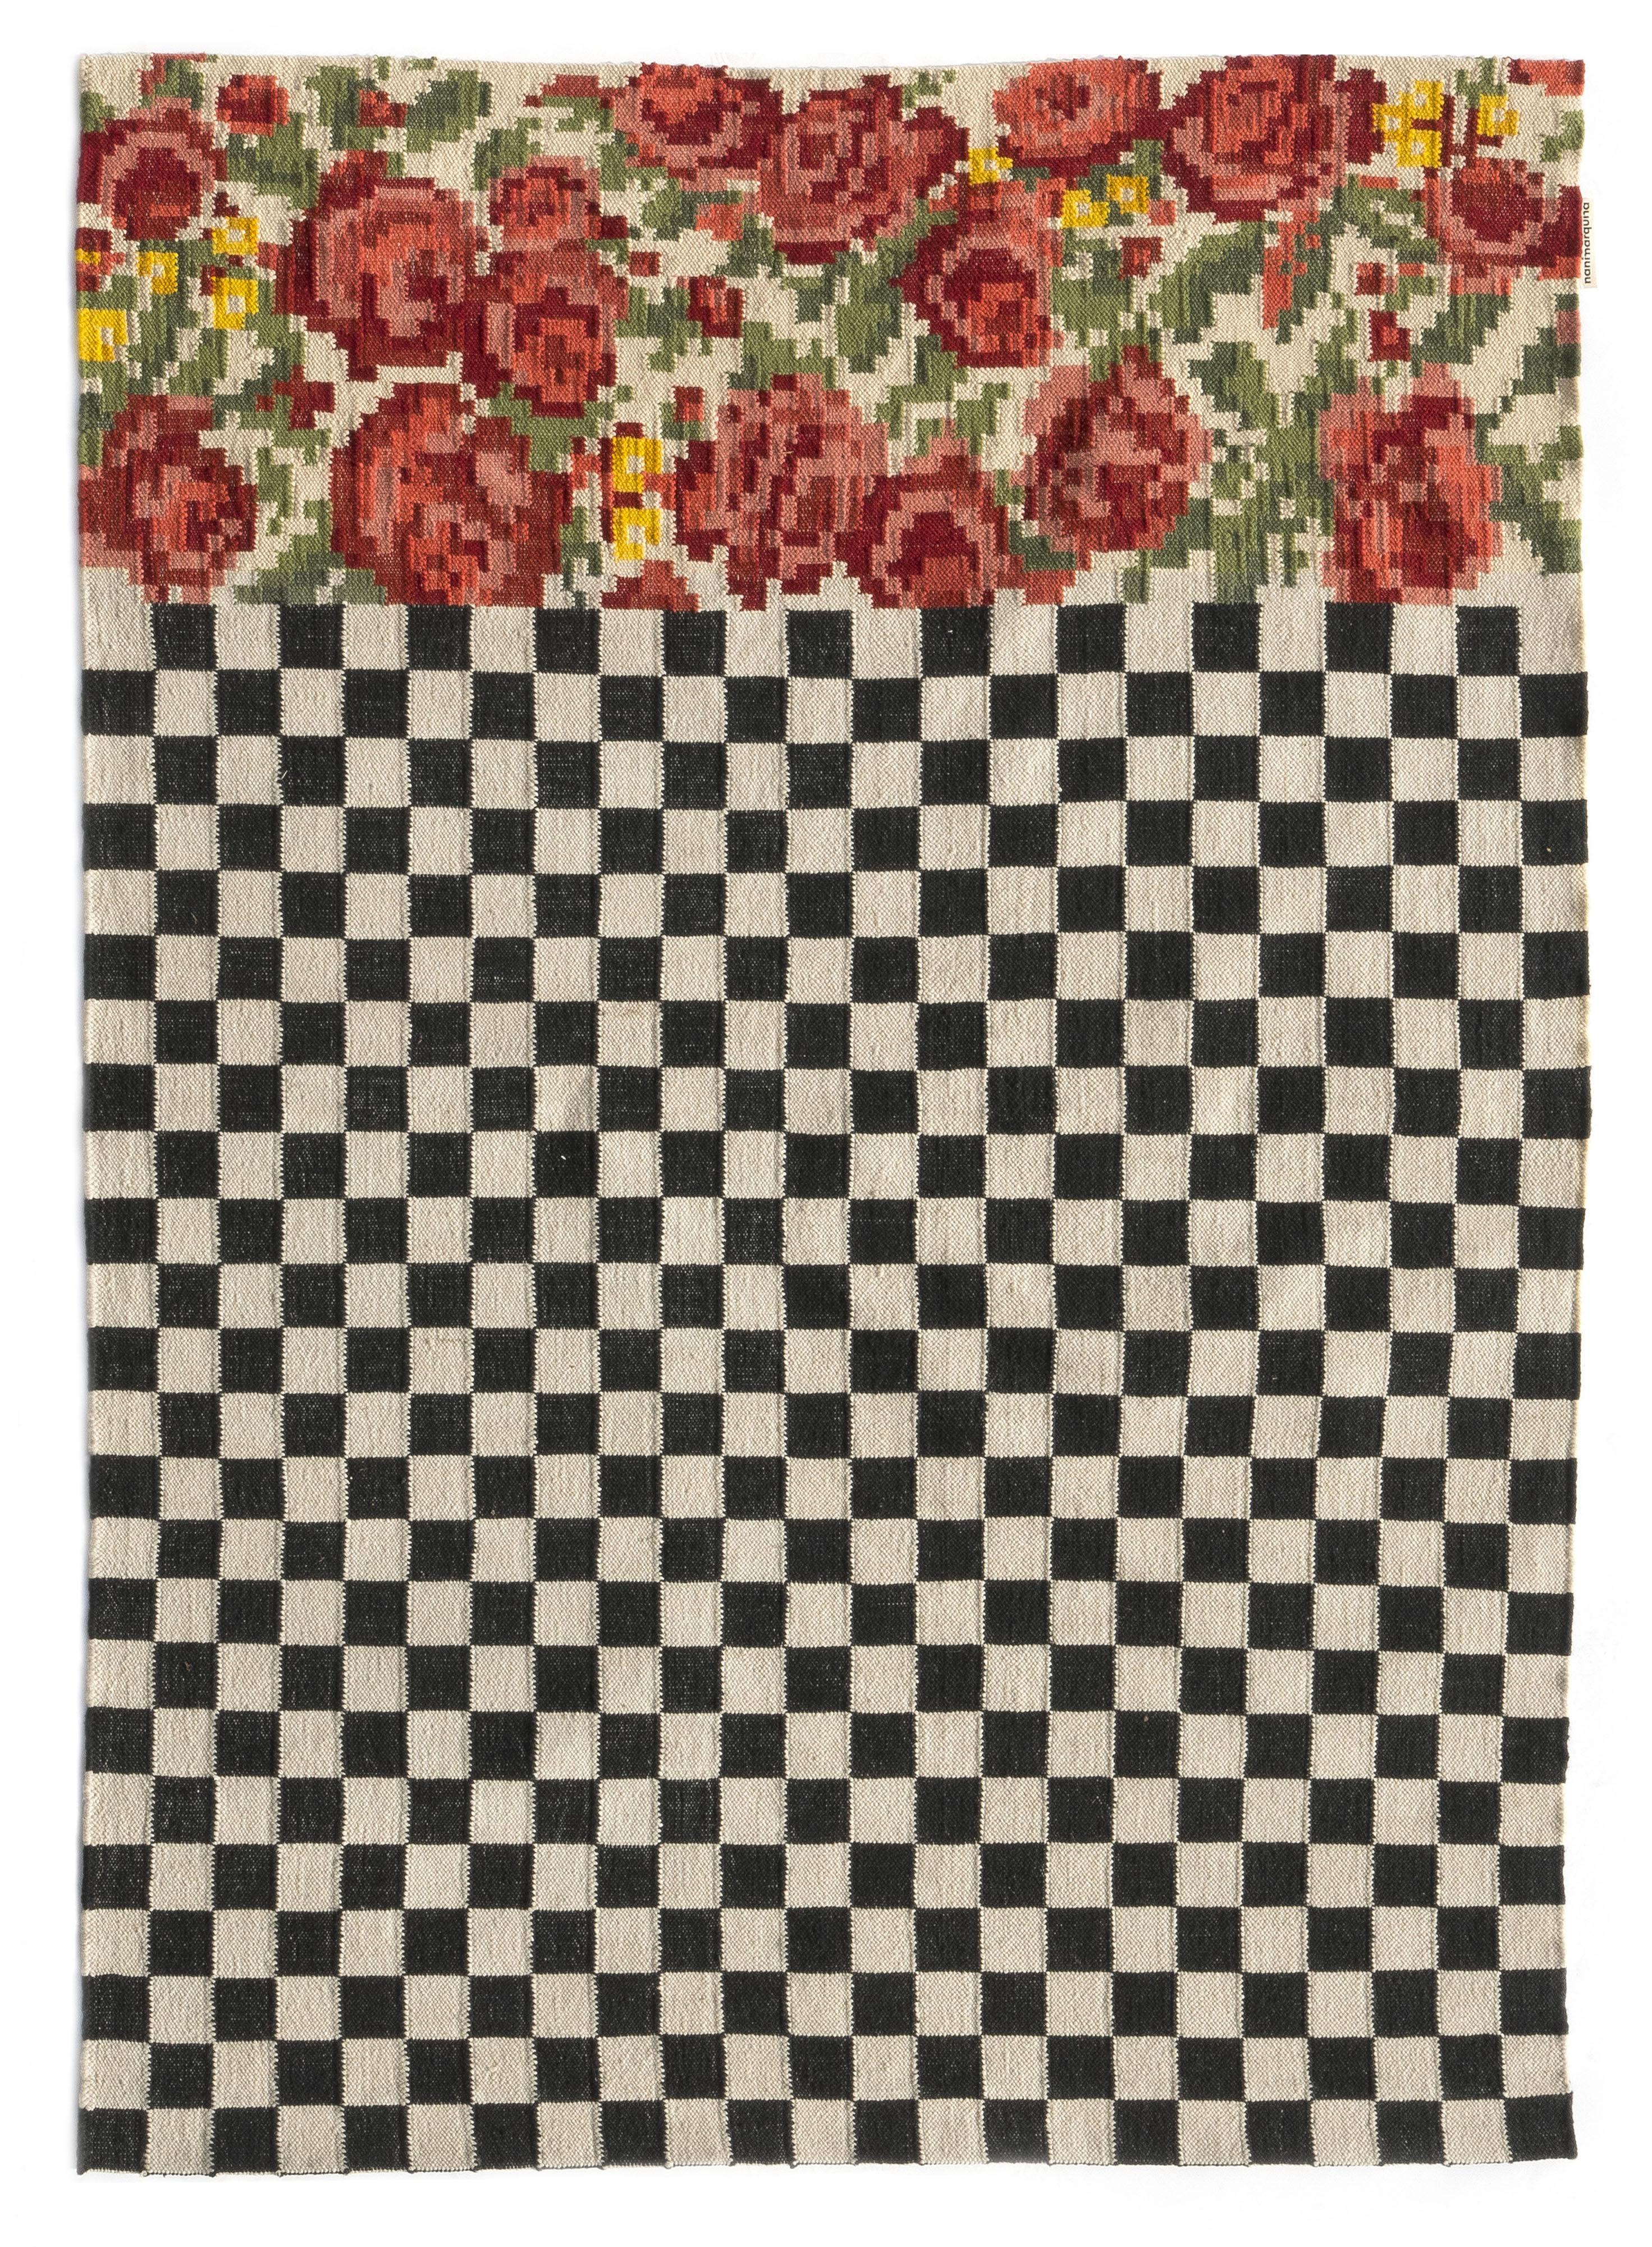 Déco - Tapis - Tapis d'extérieur Oaxaca / Tissé main - 200 x 300 cm - Nanimarquina - 200 x 300 cm / Noir & blanc - Polyéthylène